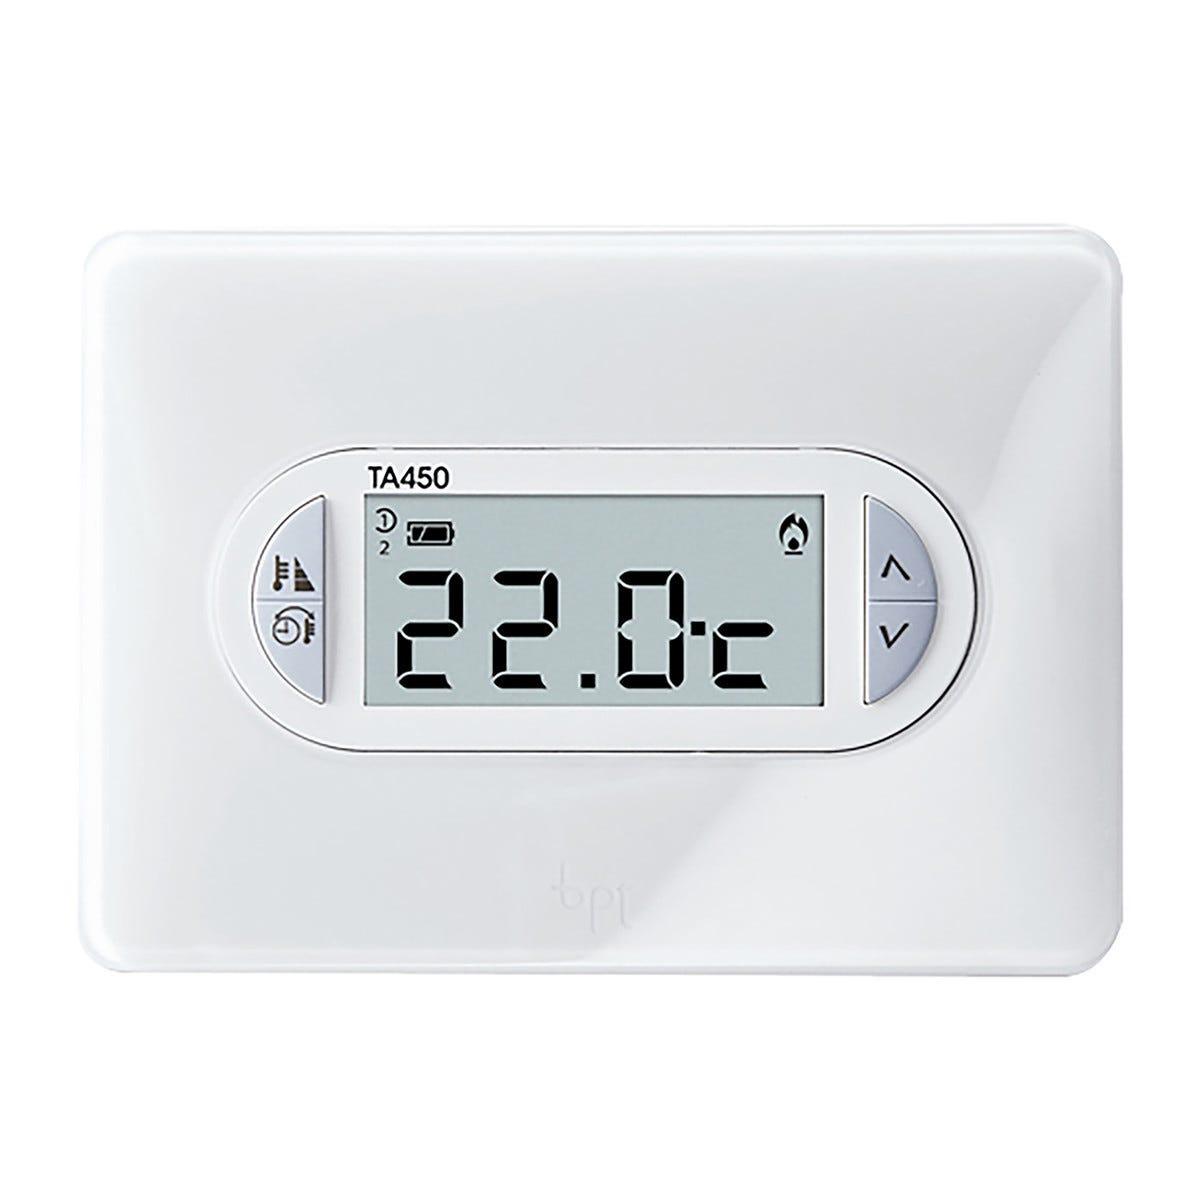 Termostato Bpt Ta450 Digitale Da Parete Colore Bianco